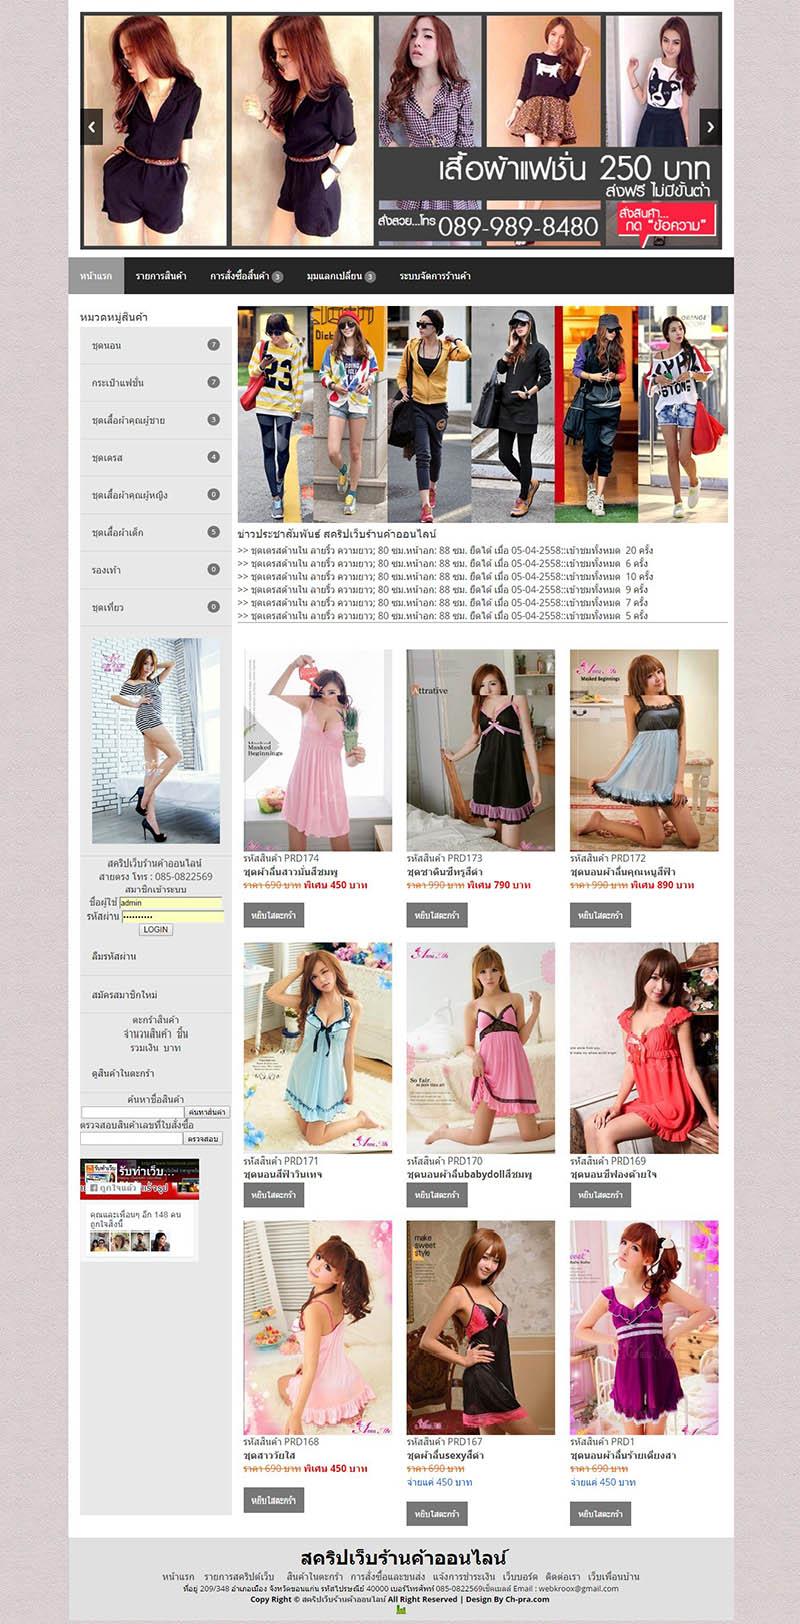 ภาพที่ 1 เว็บร้านค้าออนไลน์ Responsive Design